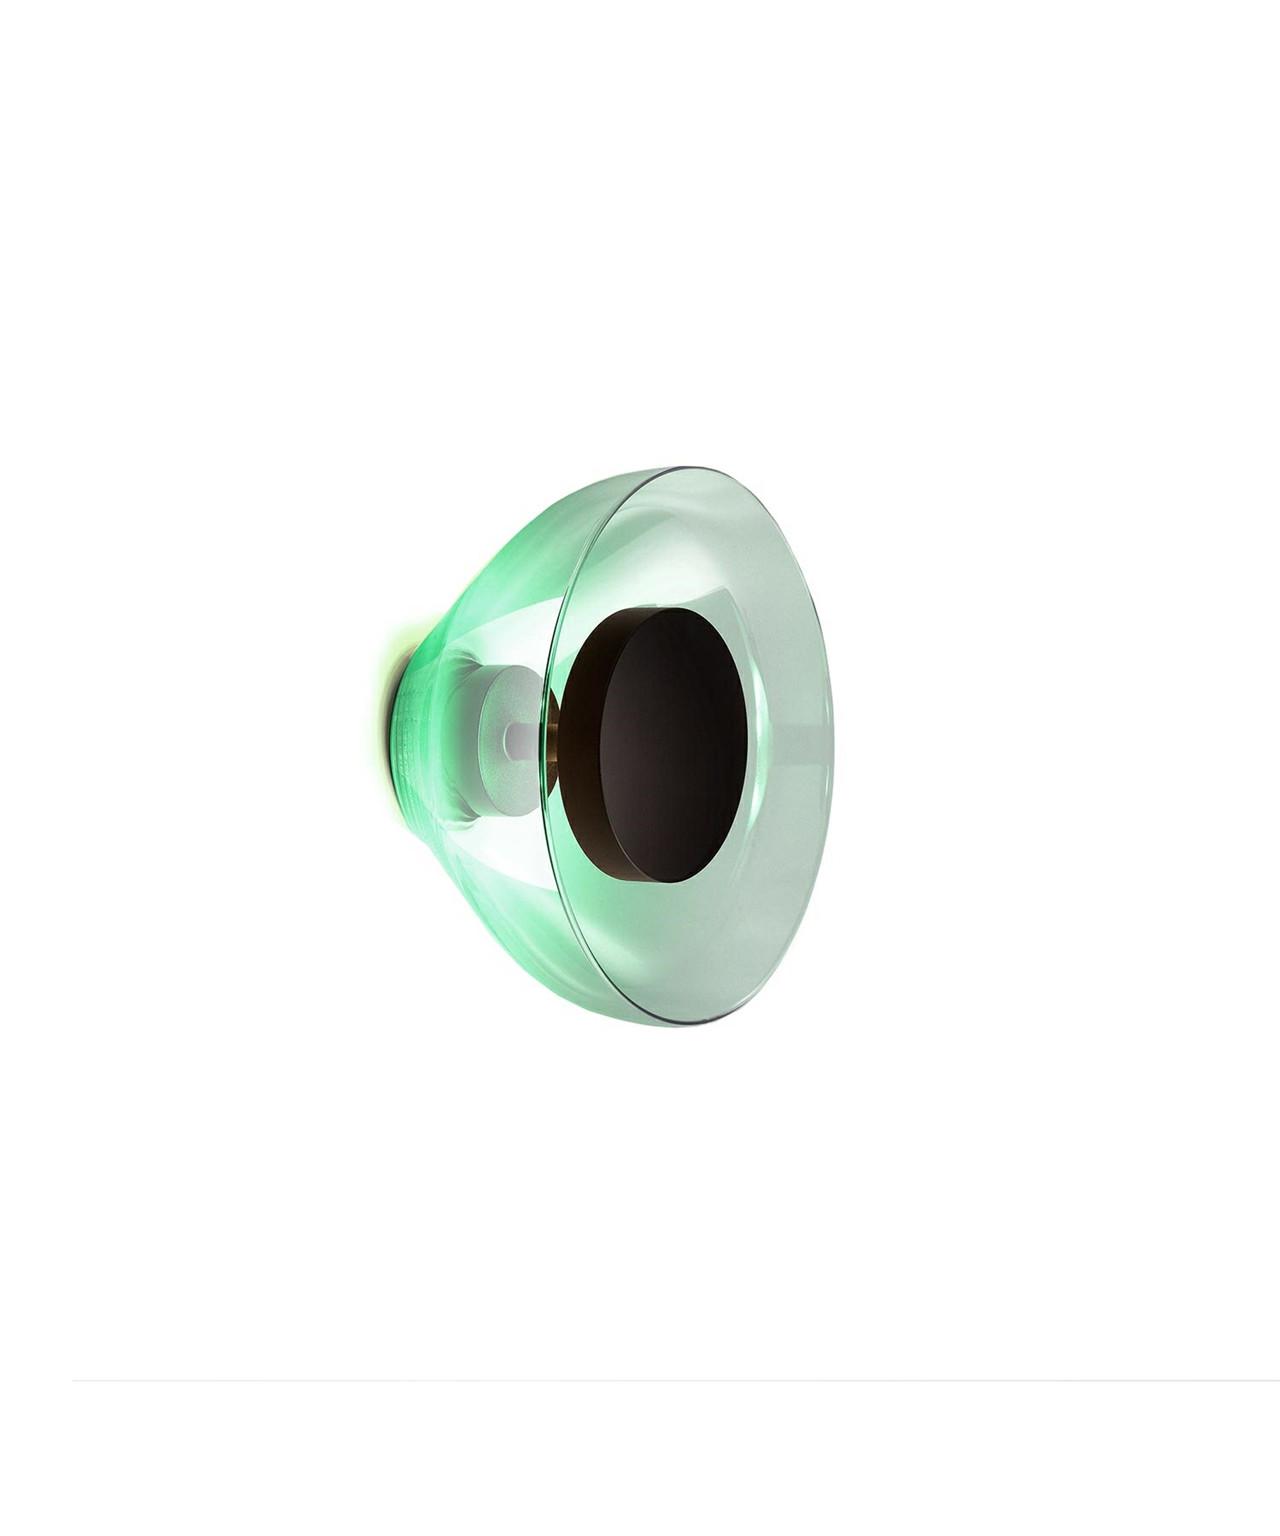 Aura Vegglampe Grønn - Marset